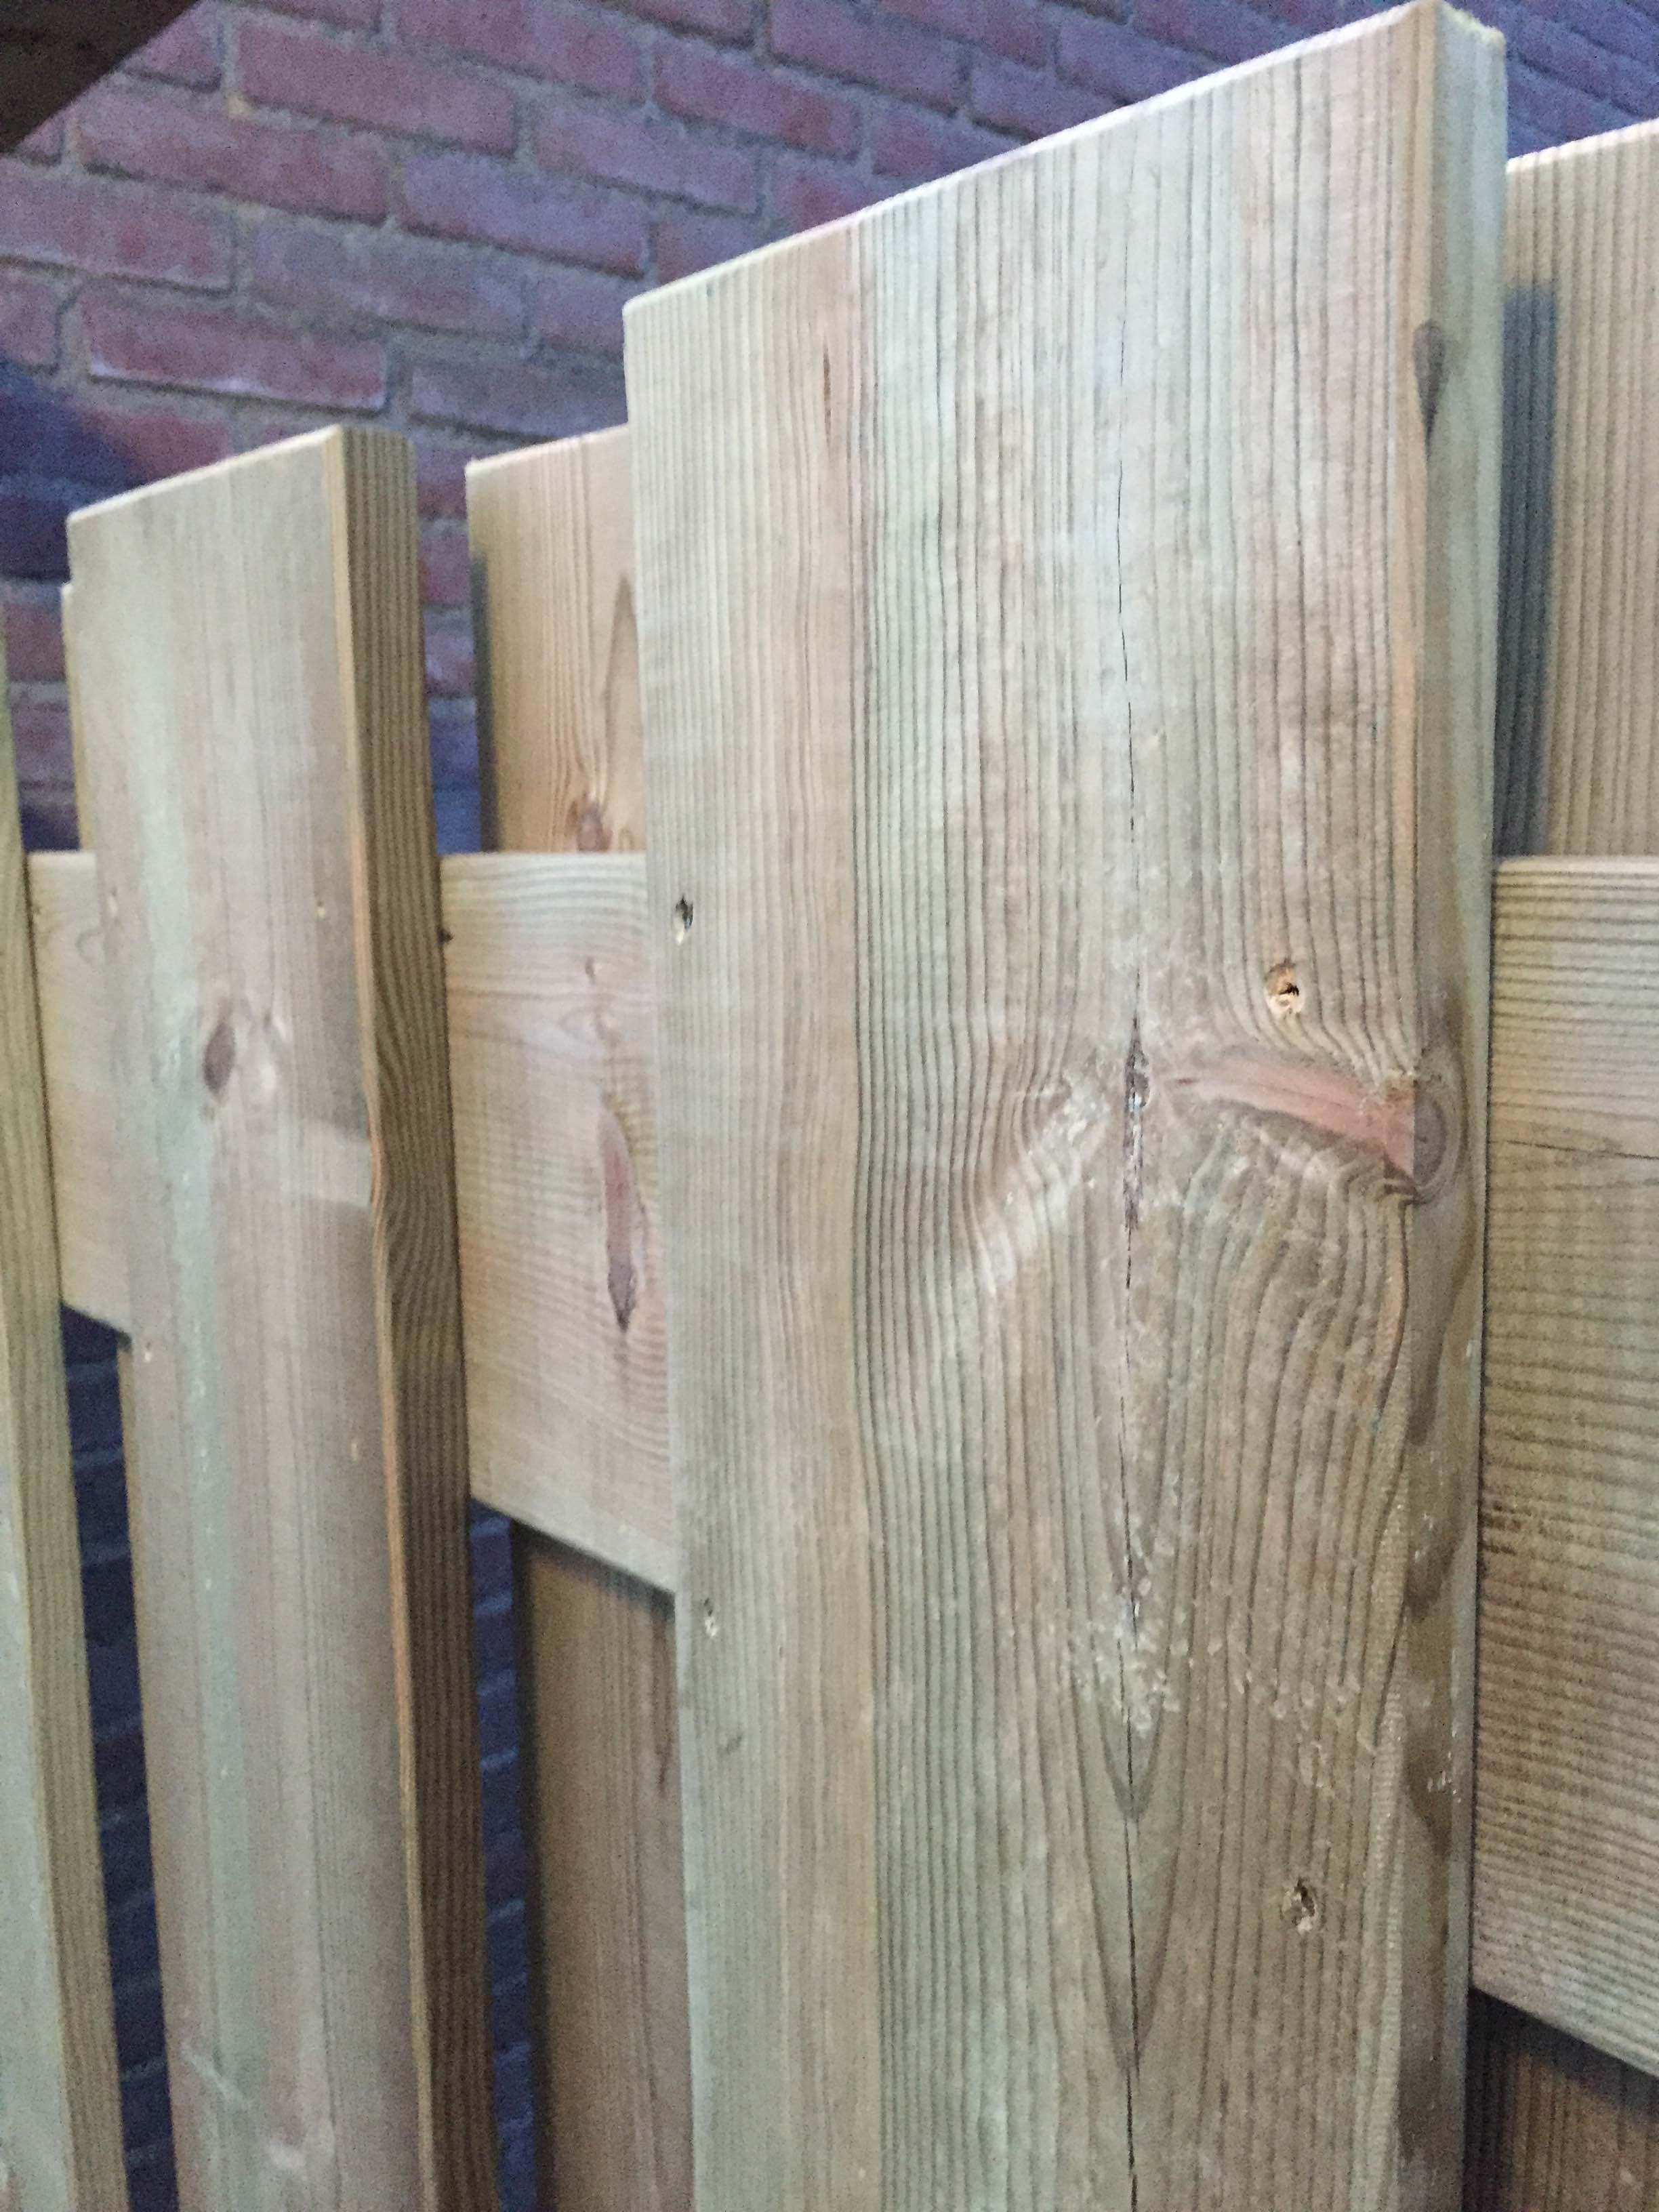 Erstaunlich Latest Steigerhout Planken Kopen With Steigerhout Planken Kopen.